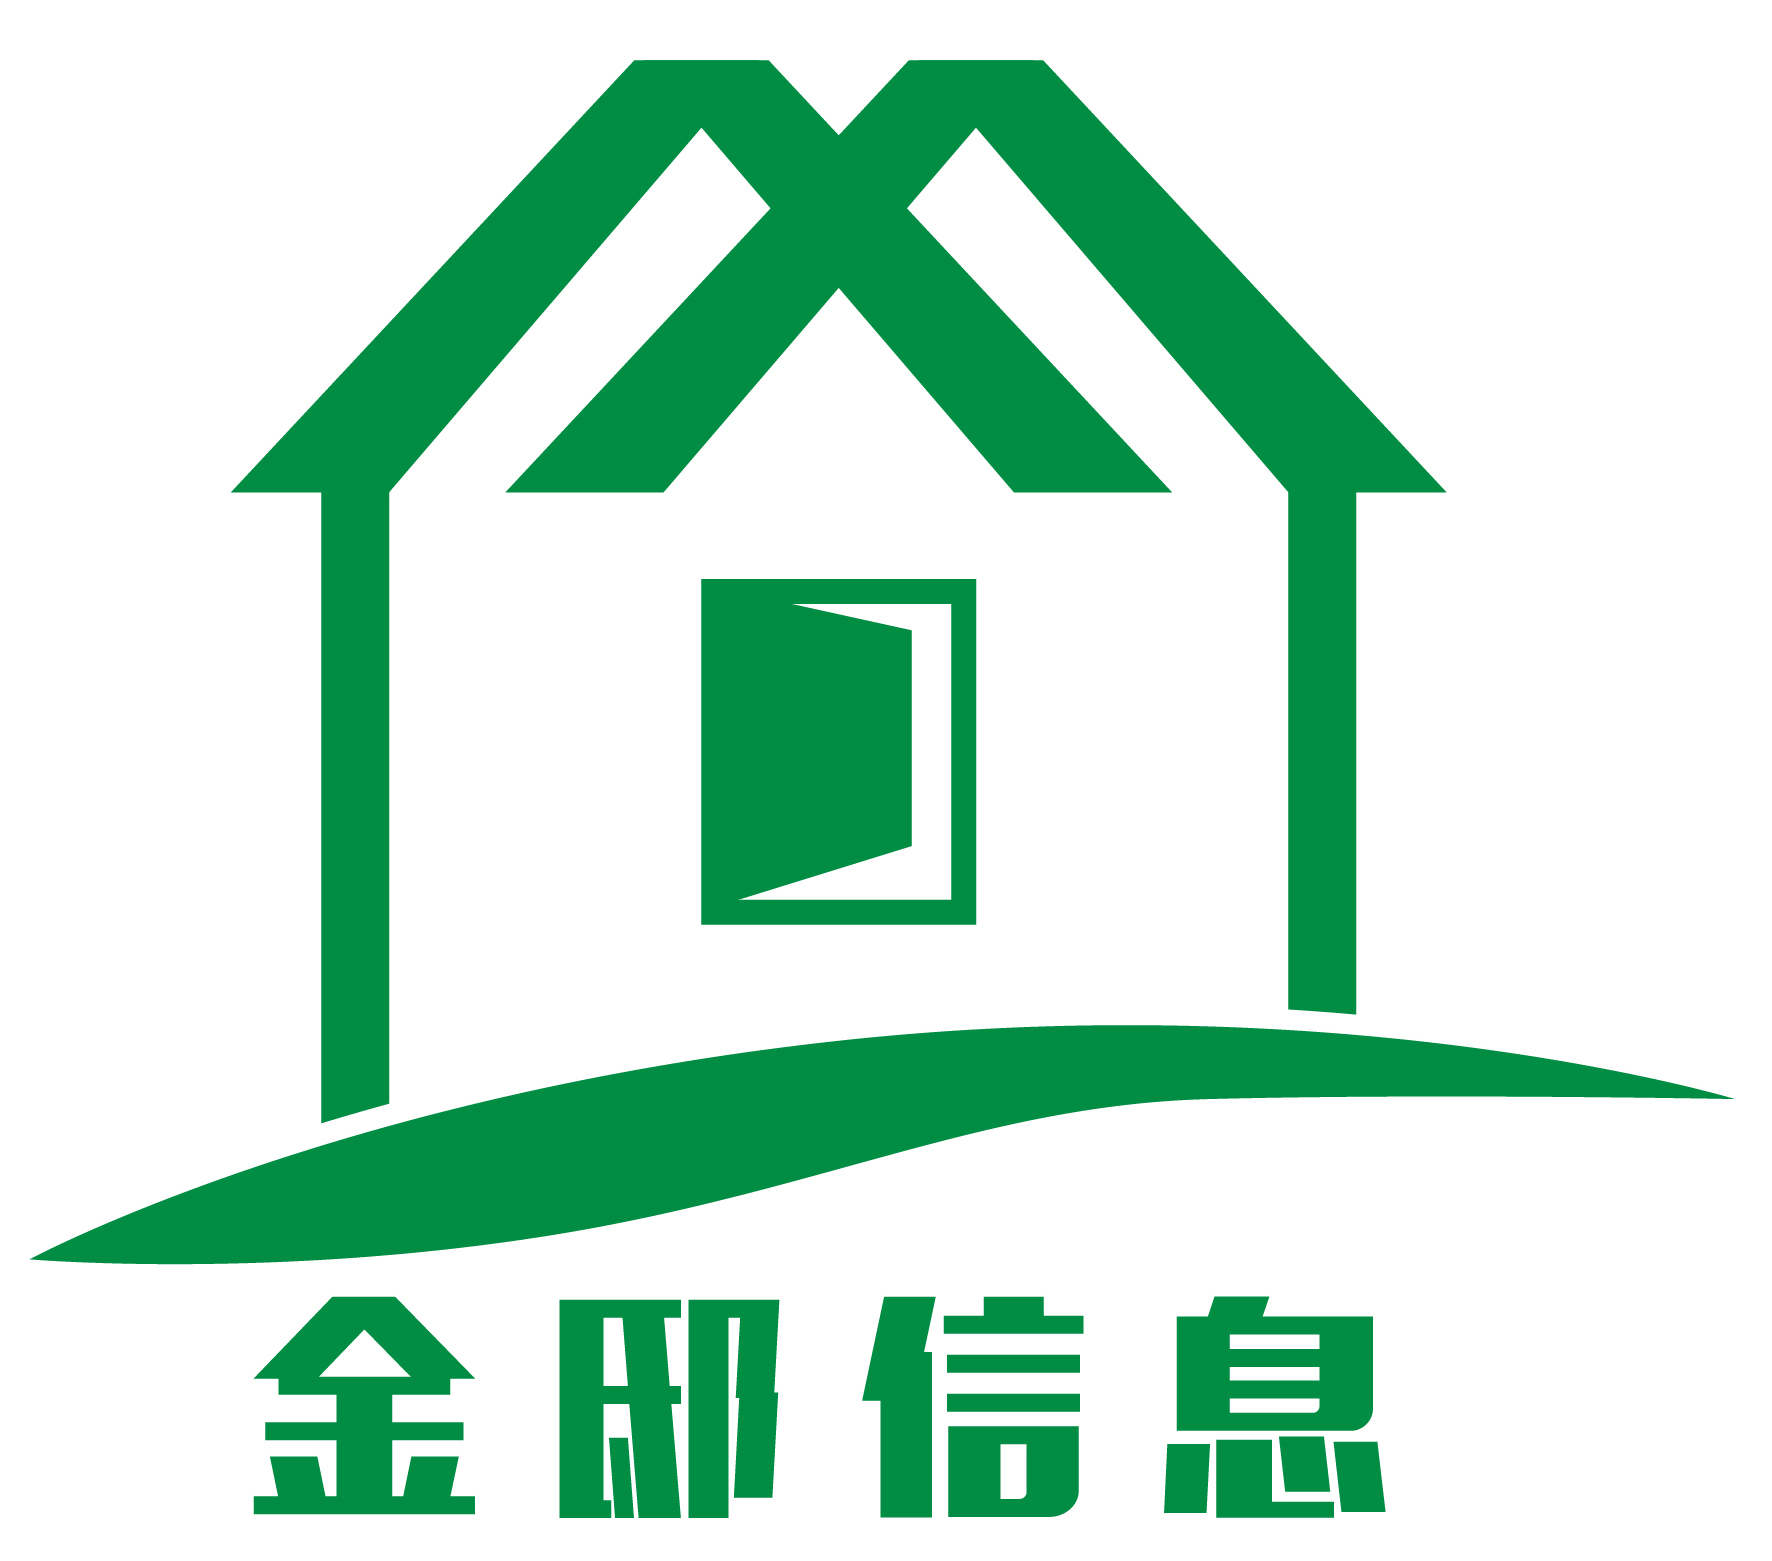 阿旗金邸房产中介有限公司 本公司是一家专业的房产服务机构,主要从事房地产买卖中介,房屋租赁中介,协助办理银行贷款及房屋产权交易、过户、房产信息咨询等业务。公司经营上追求规模化、规范化、服务一体化。本着诚信为本、客户第一的宗旨及公正、专业的服务理念,为广大客户,各界朋友提供完善、周到、贴心、放心的服务。欢迎来电或到门店登记出售,买卖,出租房源信息及进行相关咨询。 地址:新旗医院后丽水新居楼下大厅 电话:0476-7277650,13260144555